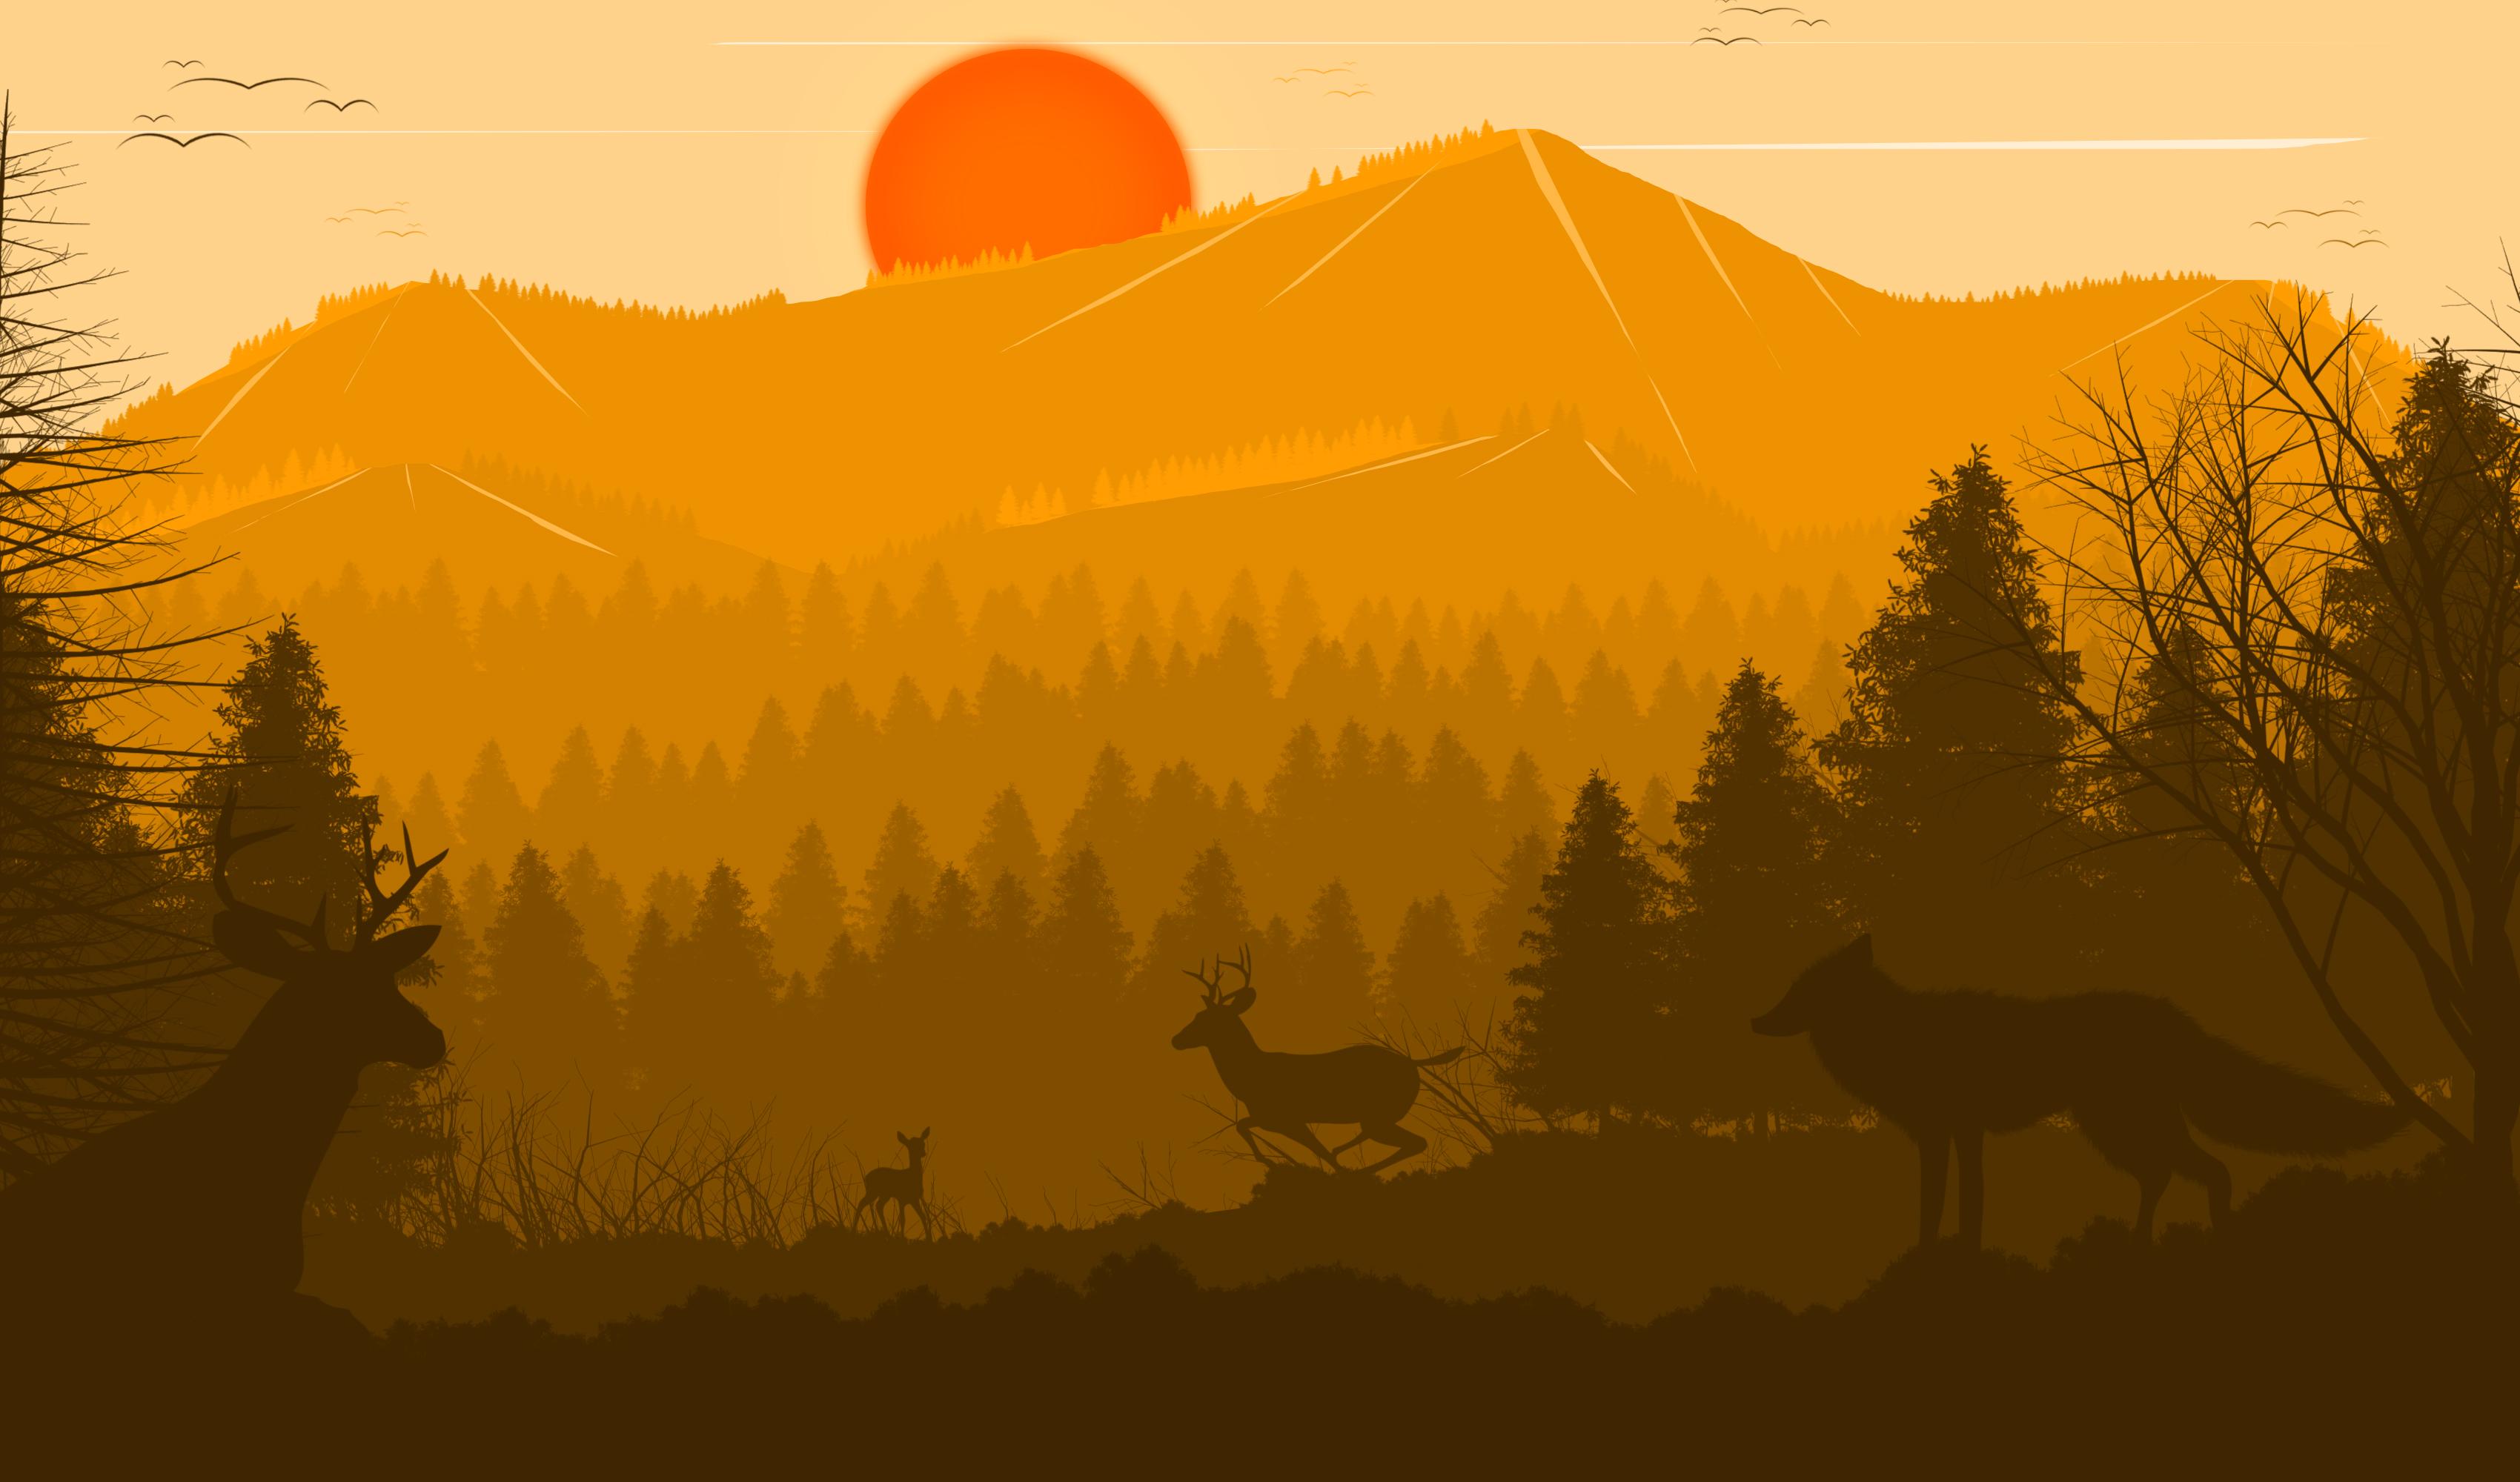 Misty Deer 4k Hd Desktop Wallpaper For 4k Ultra Hd Tv: Deer Forest Fox Sun Red Trees Birds 4k, HD Artist, 4k